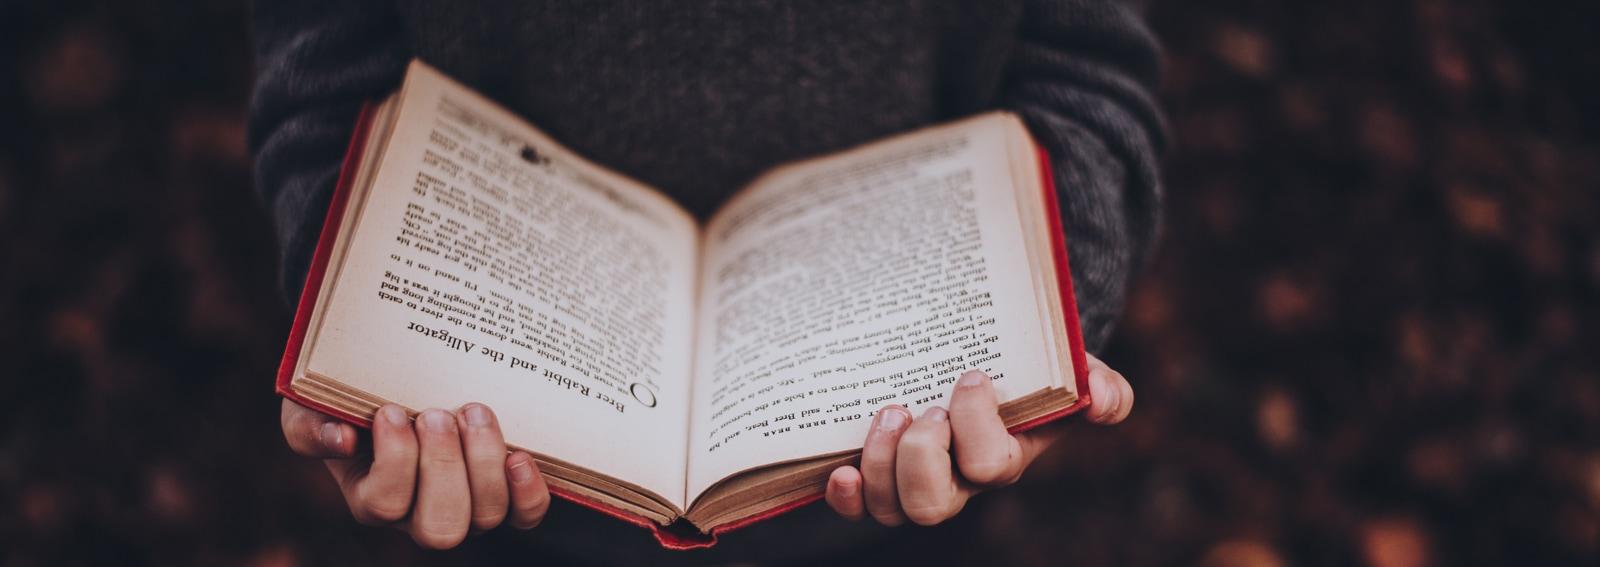 visore-libri-desk